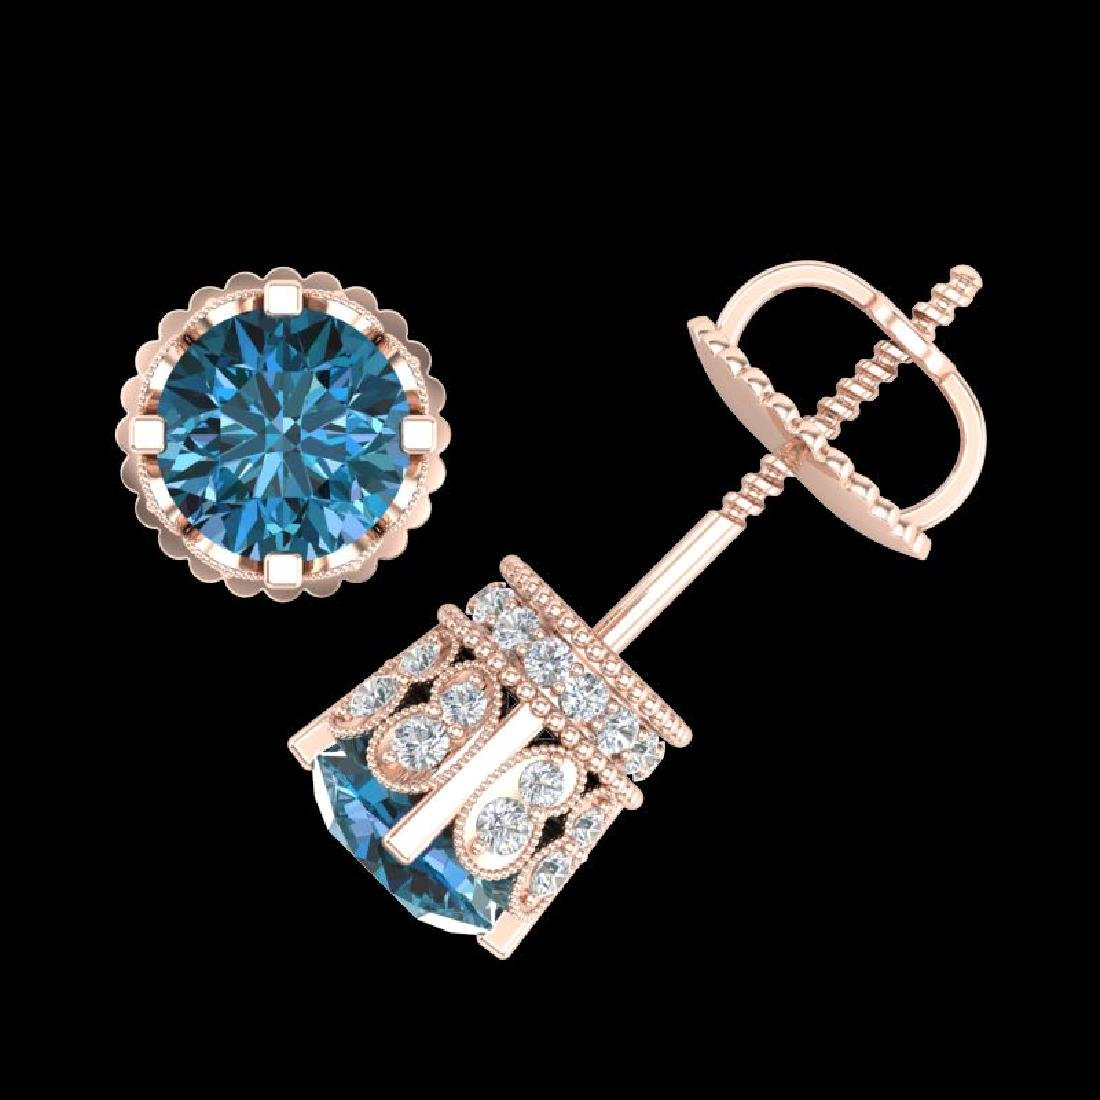 3 CTW Fancy Intense Blue Diamond Solitaire Art Deco - 3